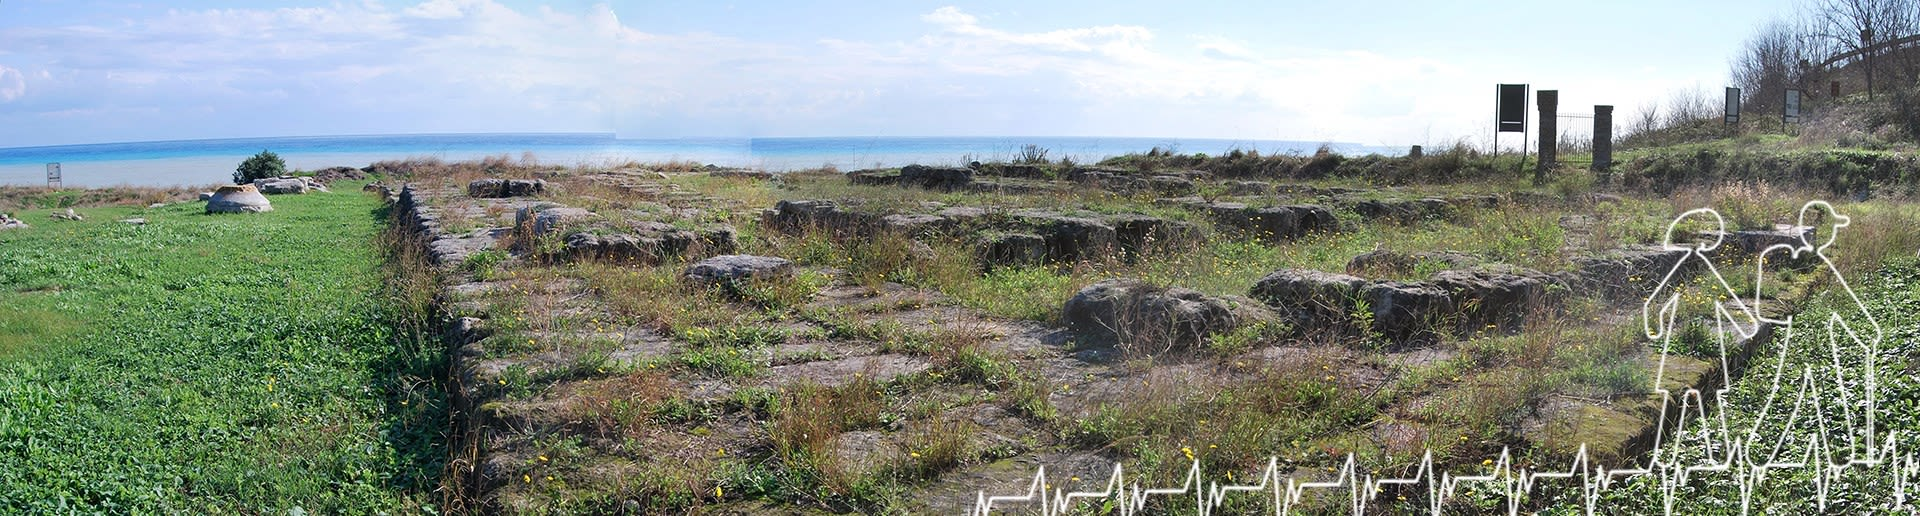 Monasterace; Tempio Dorico nel parco archeologico di Kaulon